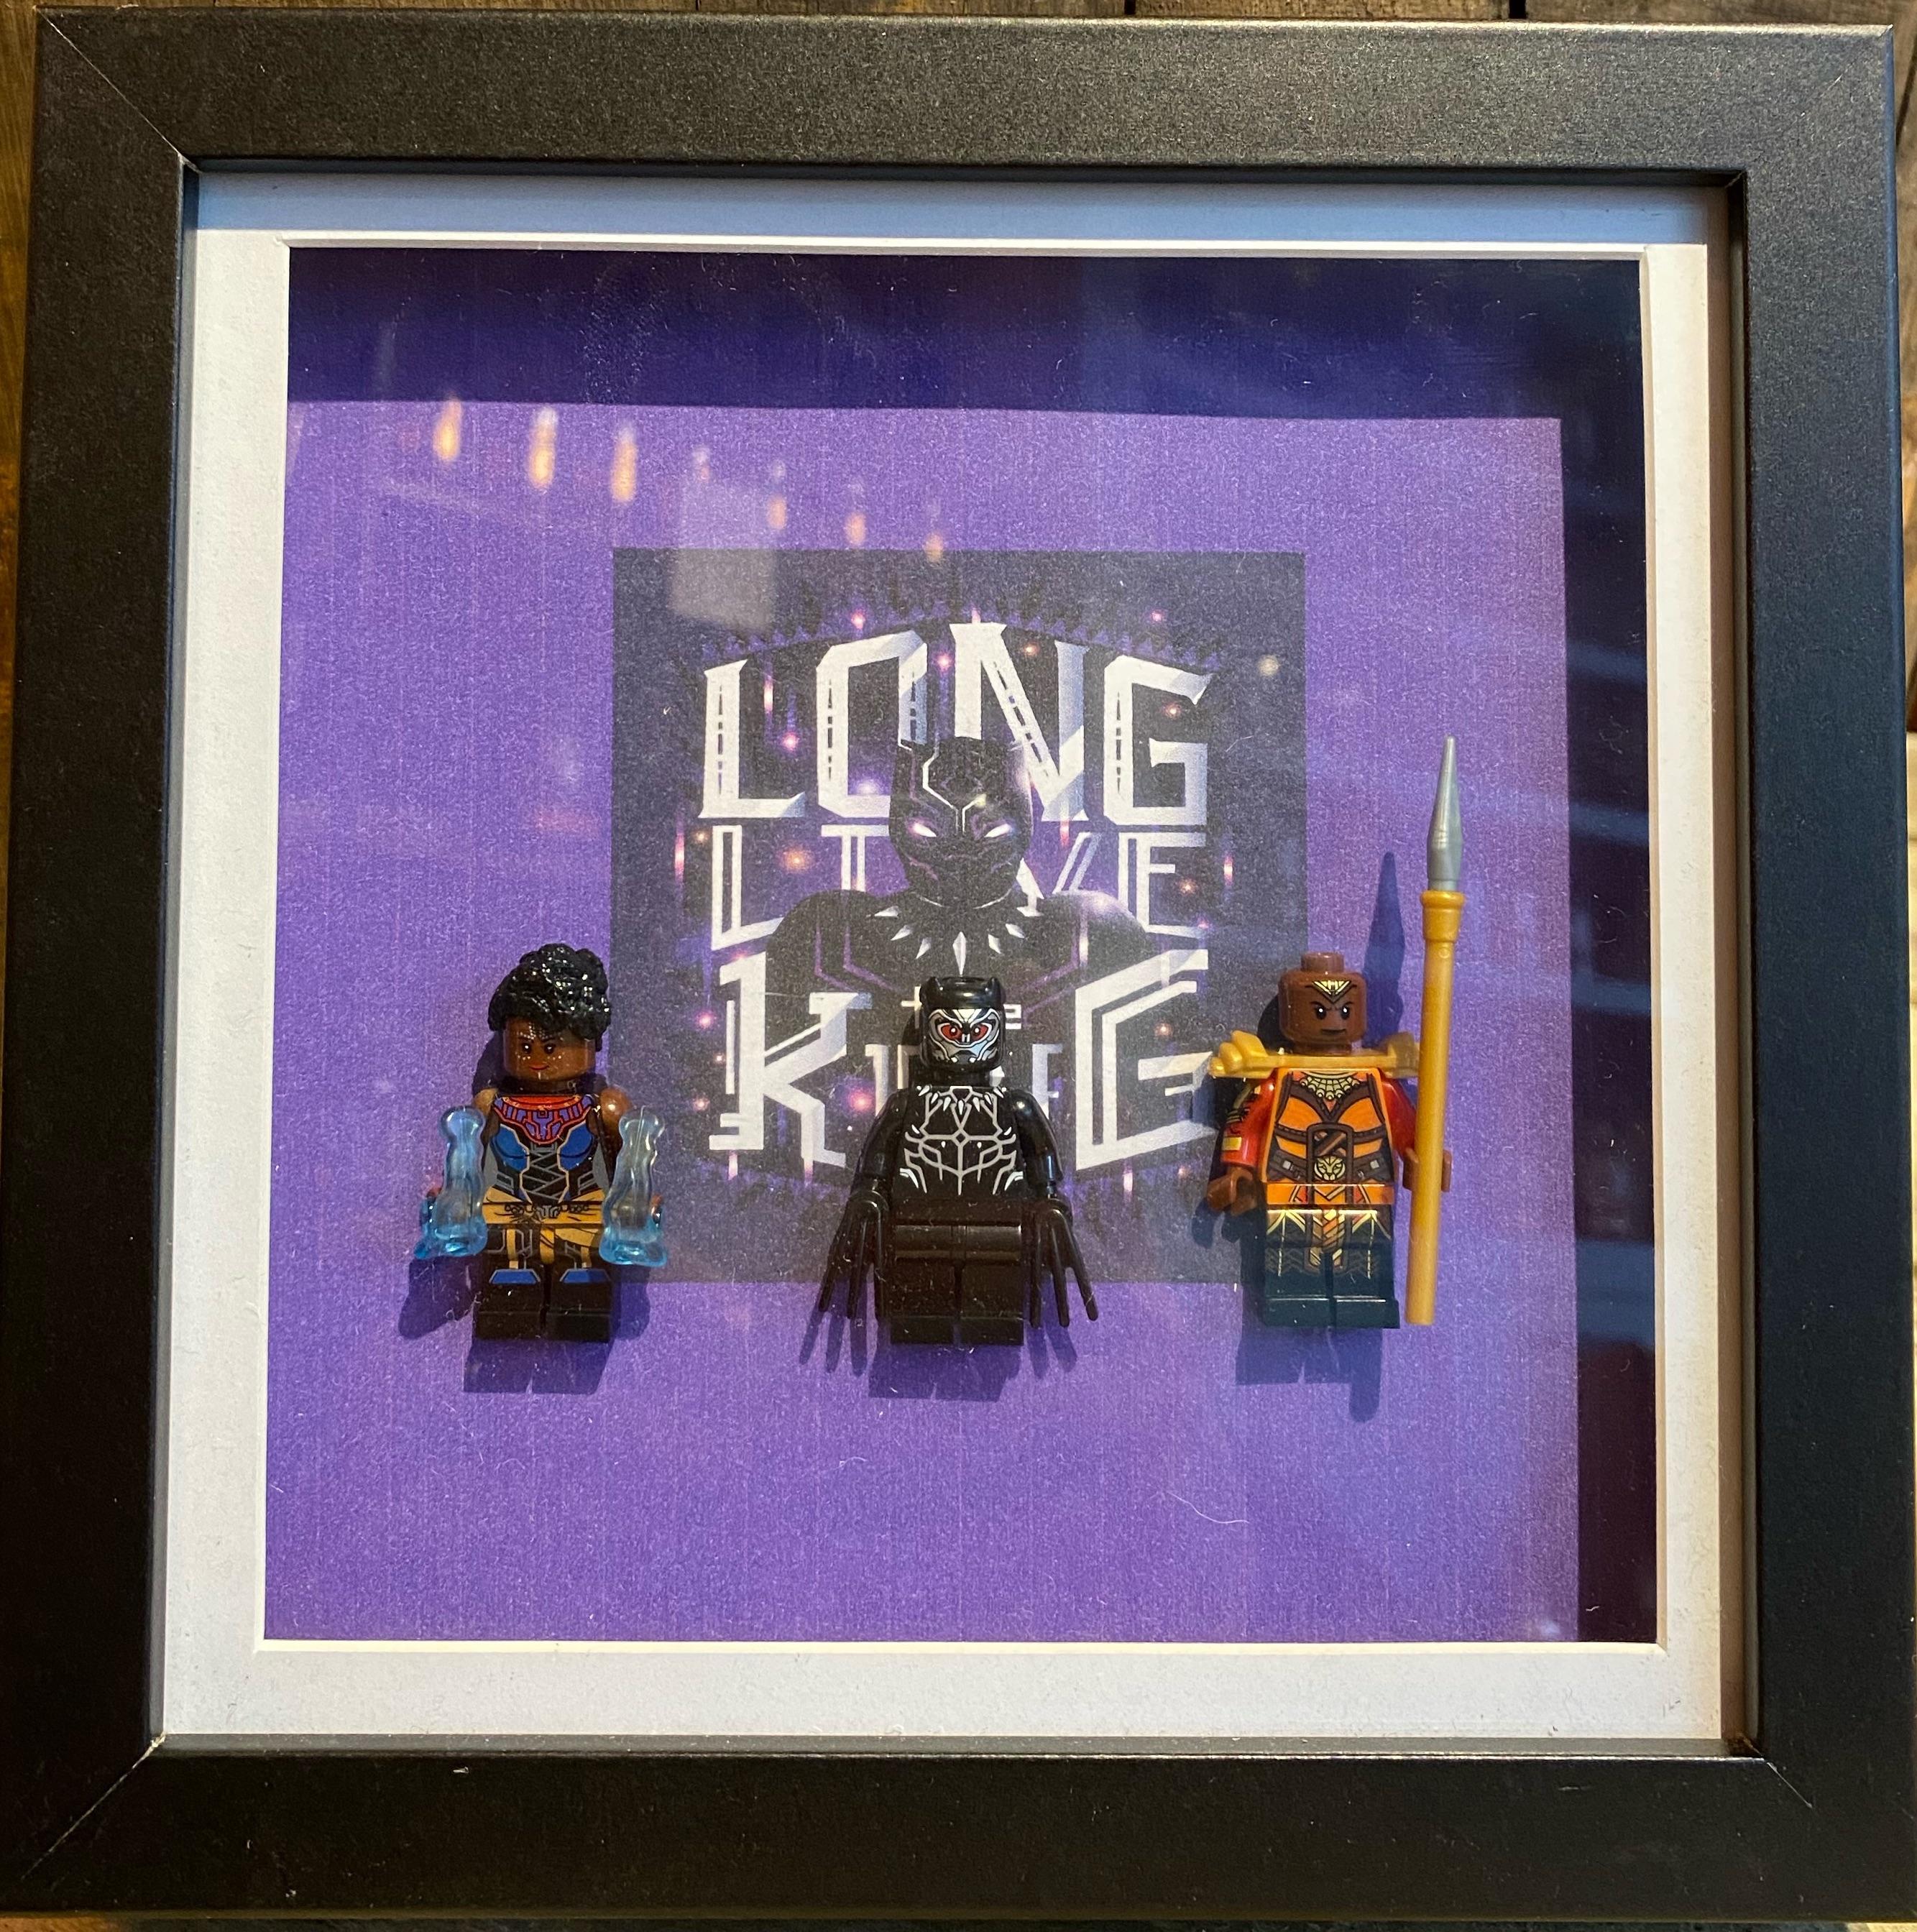 Lego Art - Long